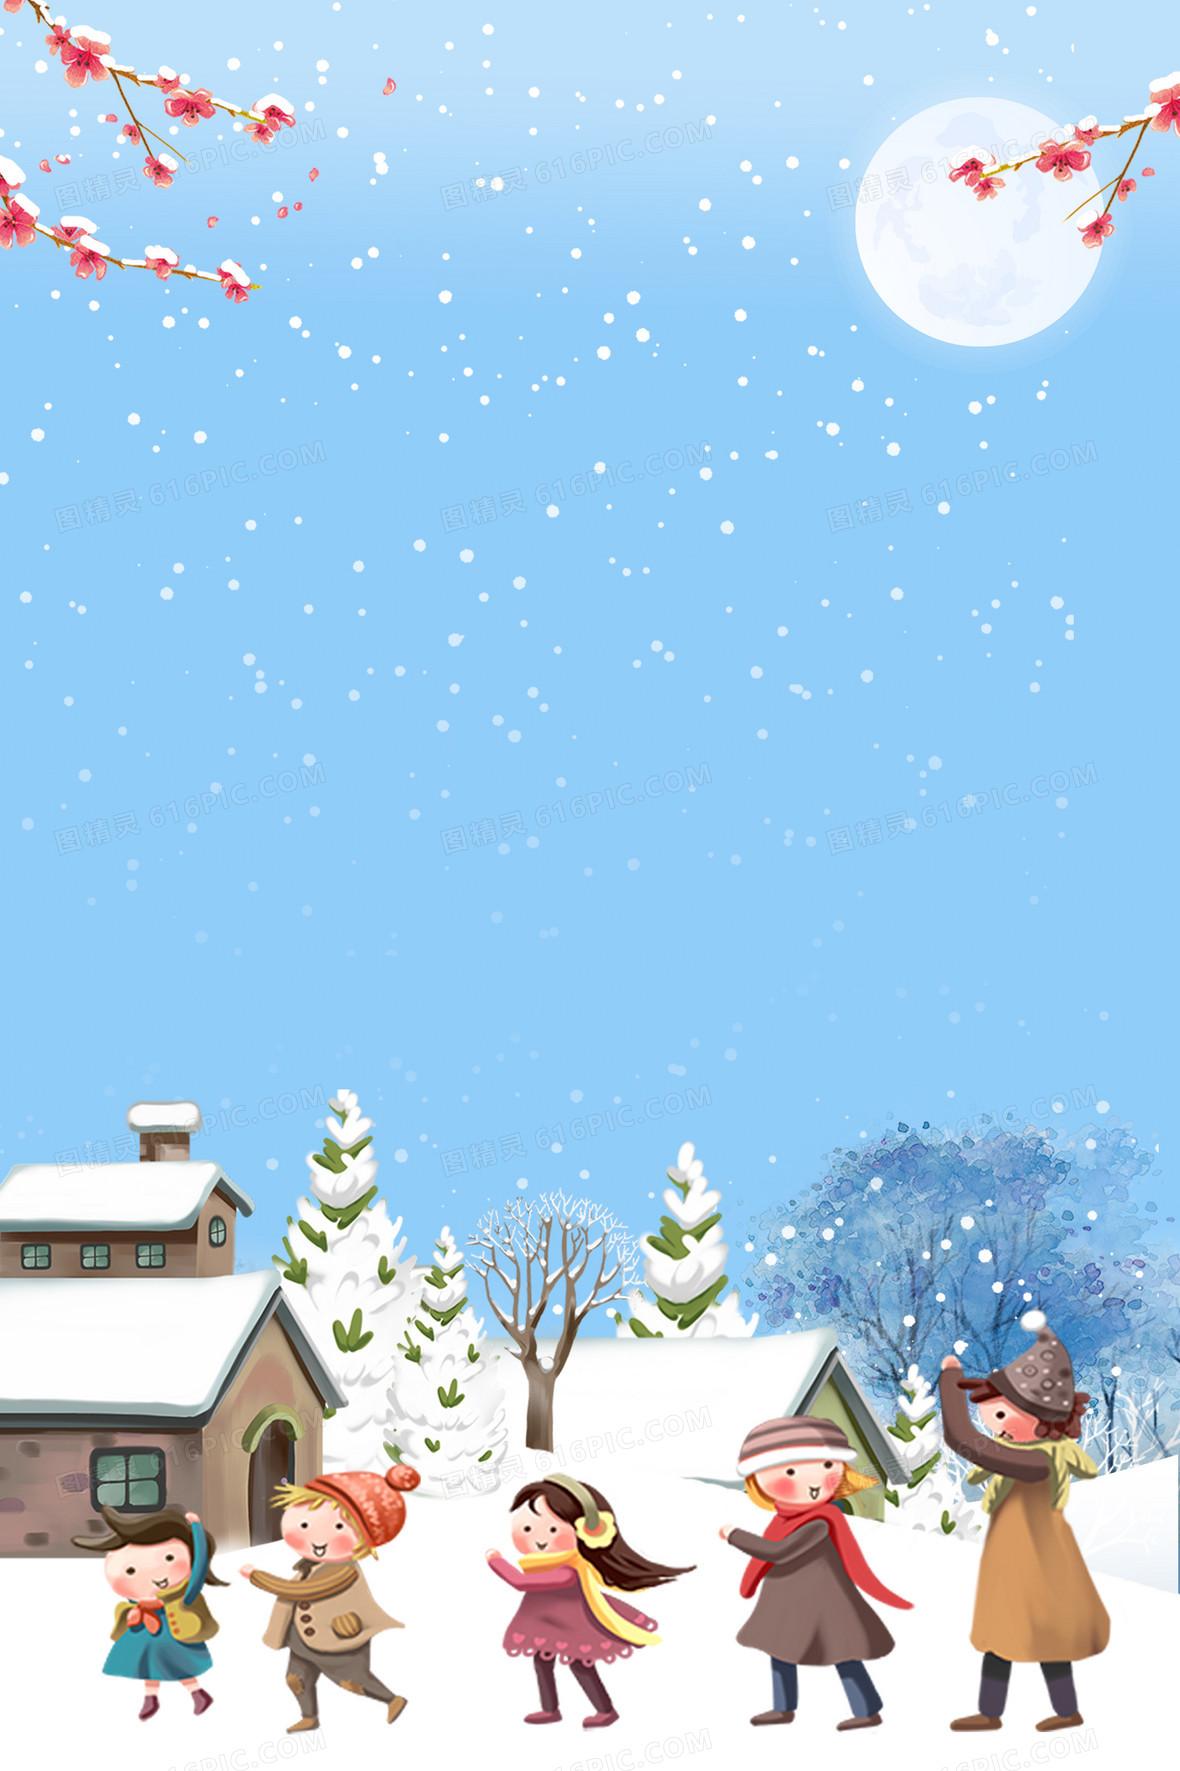 立冬玩耍卡通雪花雪松蓝色banner图片